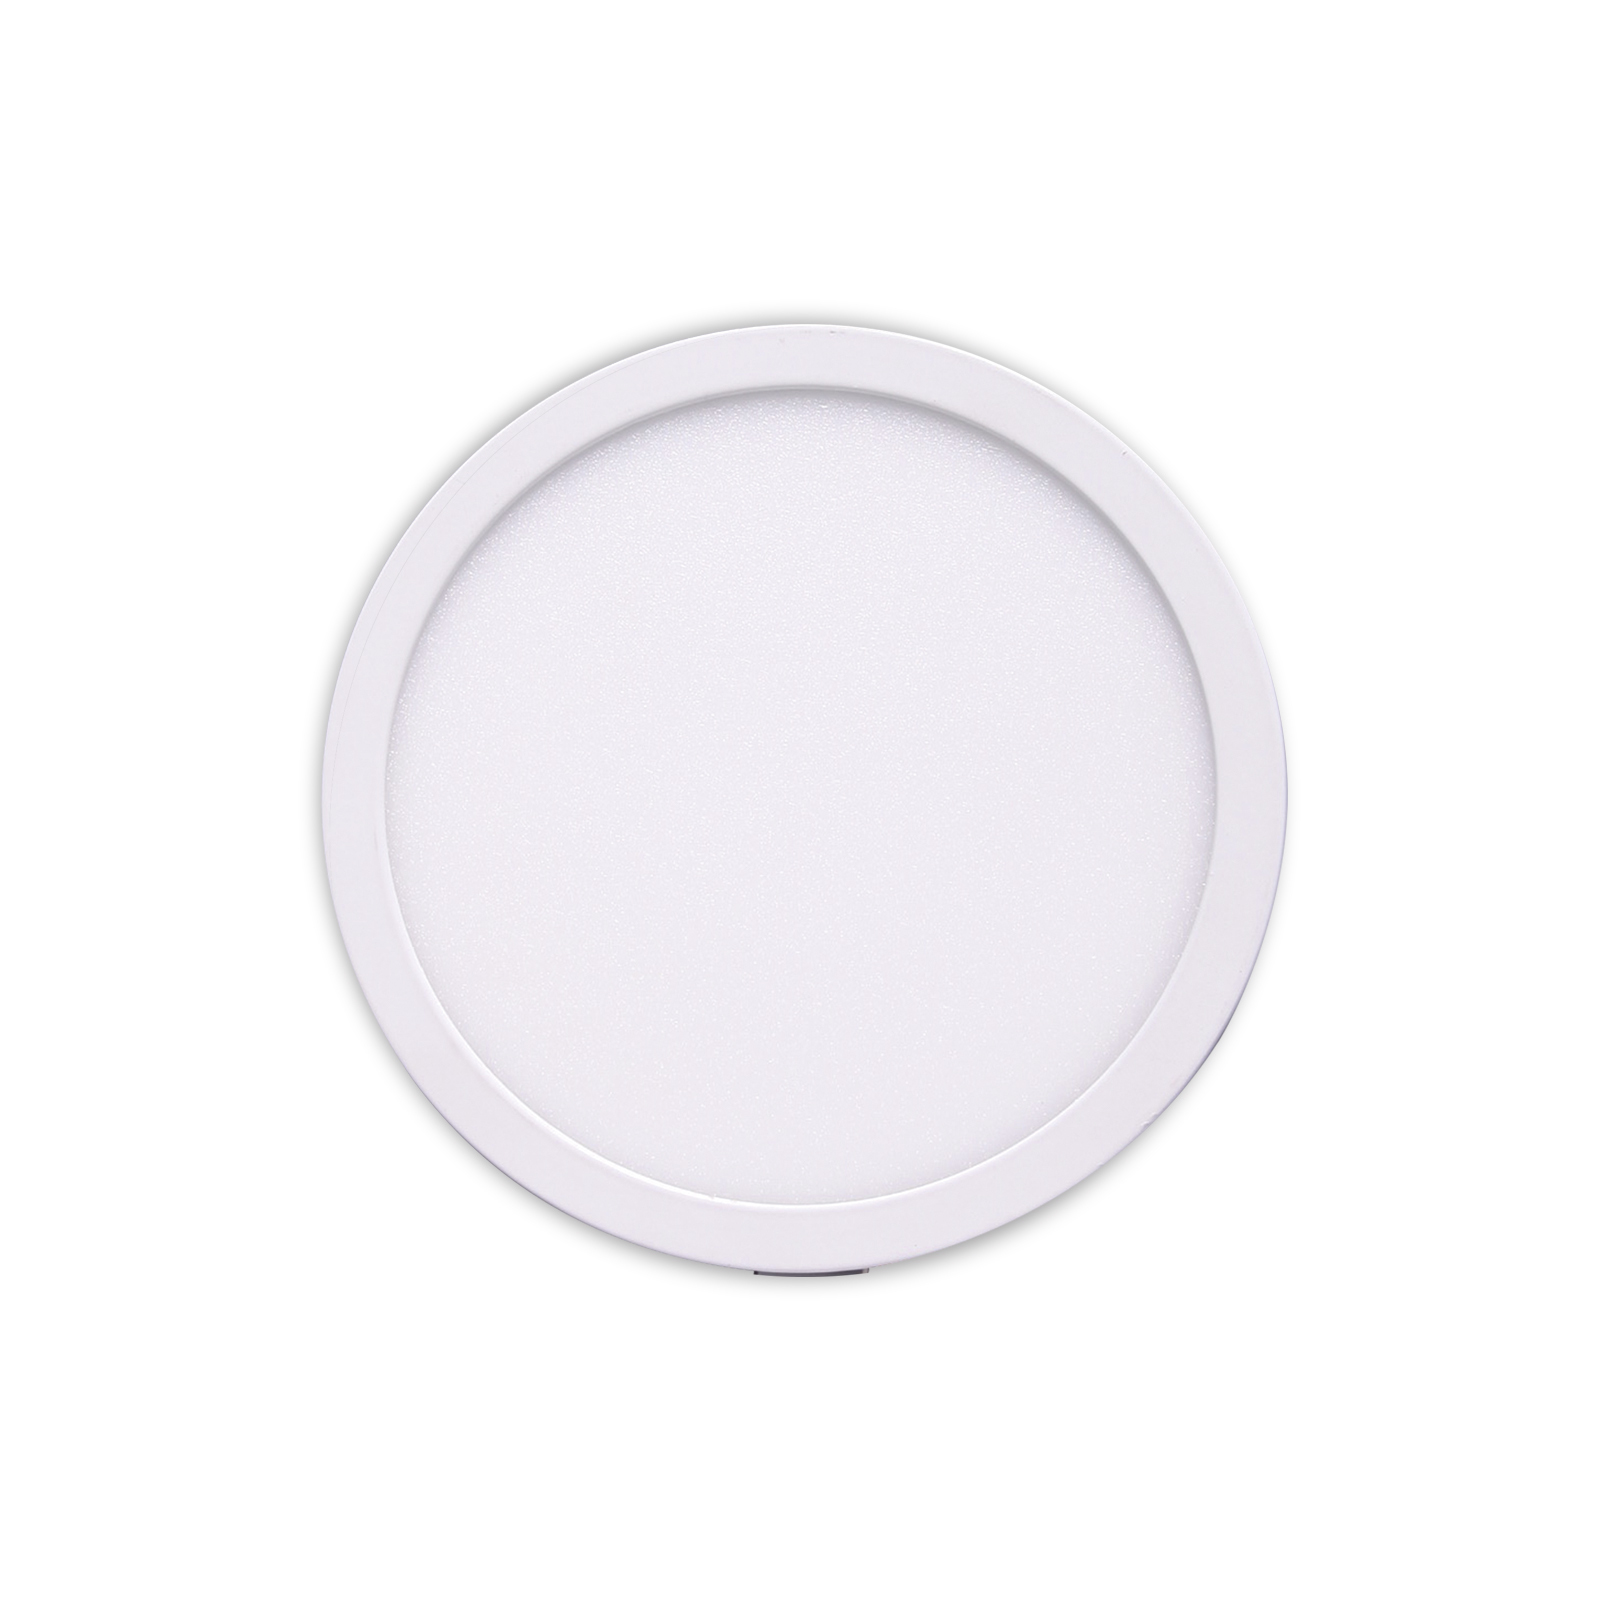 Встраиваемая светодиодная панель Mantra Saona C0187, белый, металл, пластик - фото 1